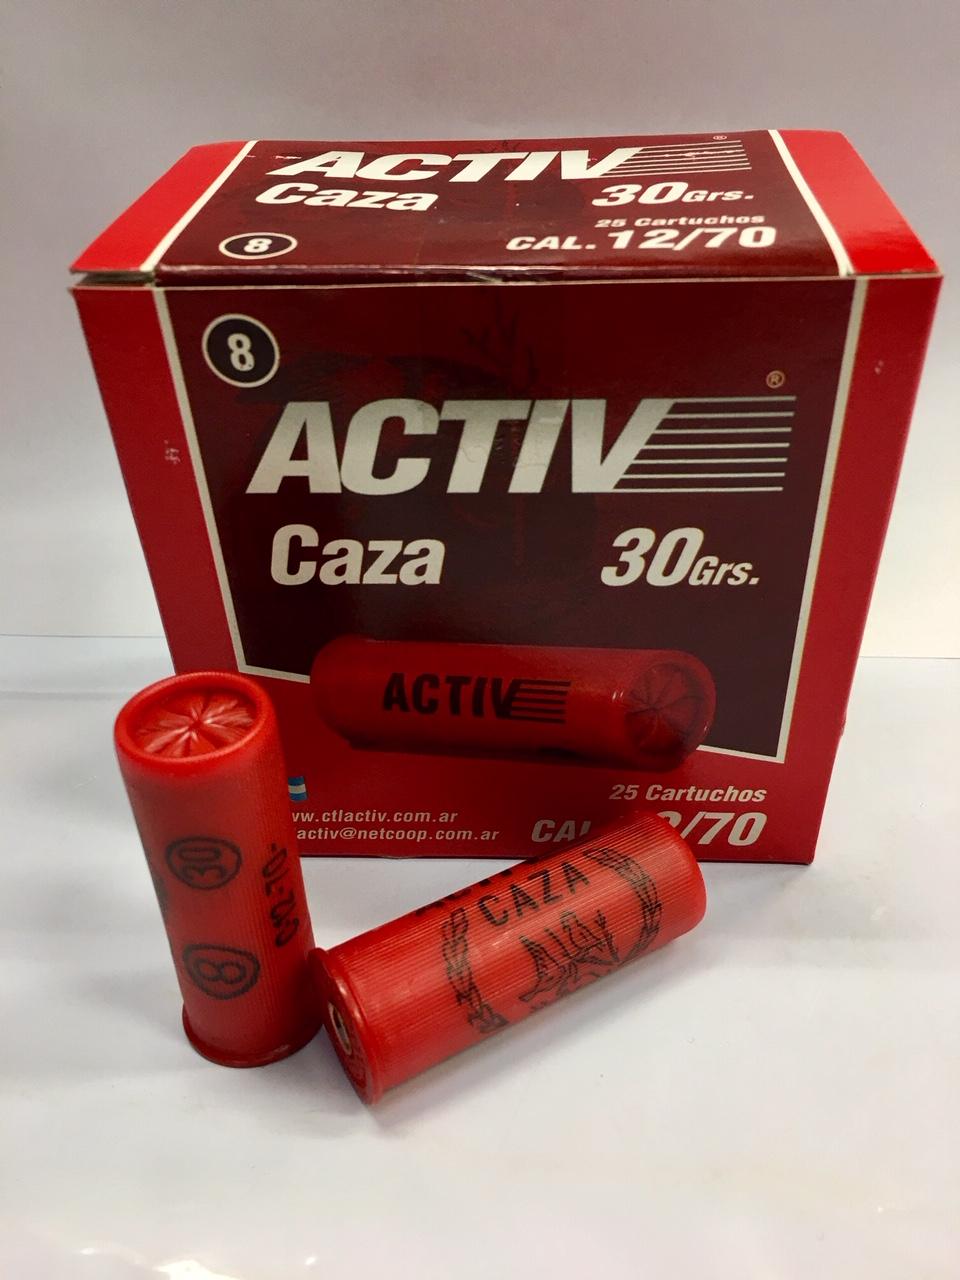 Cartuchos Activ 12 70 28 G Las Colonias Distribuciones S A